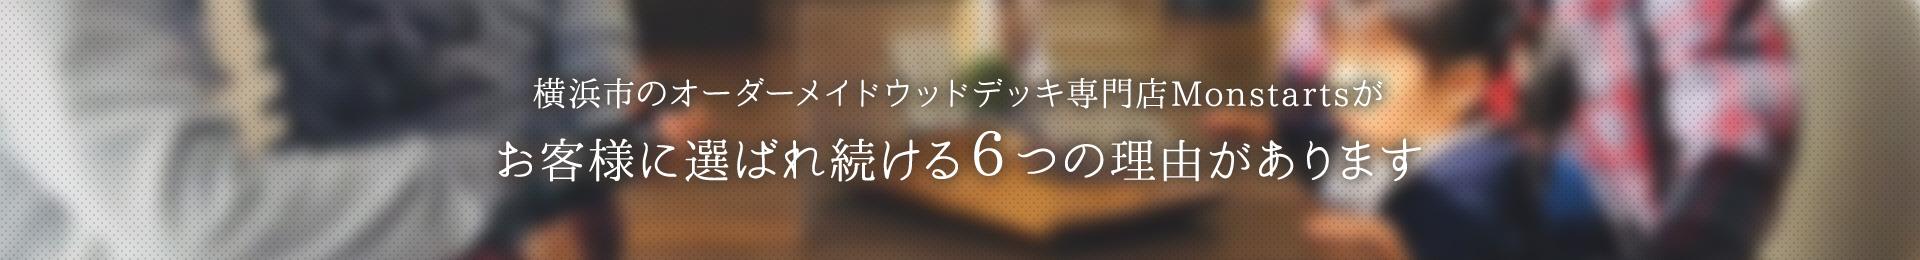 横浜市のオーダーメイドウッドデッキ専門店Monstartsがお客様に選ばれ続ける6つの理由があります